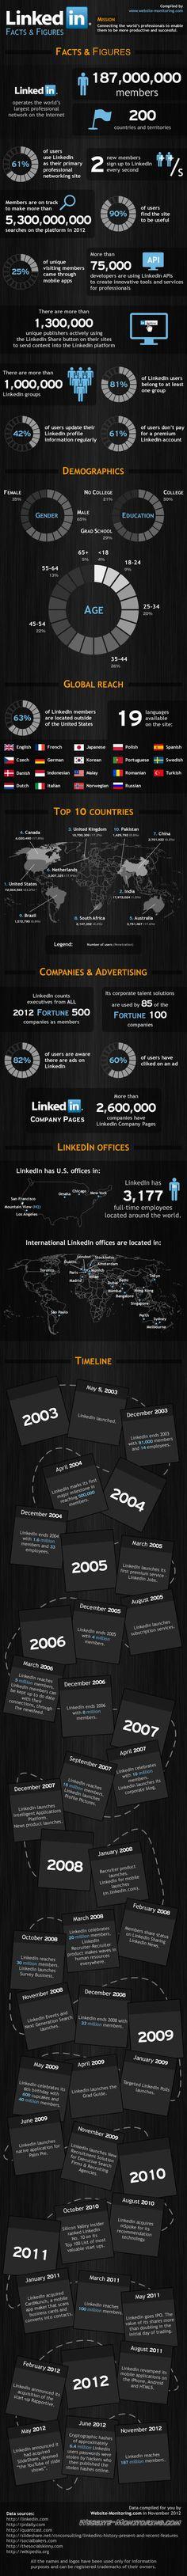 une infographie sur linkedin